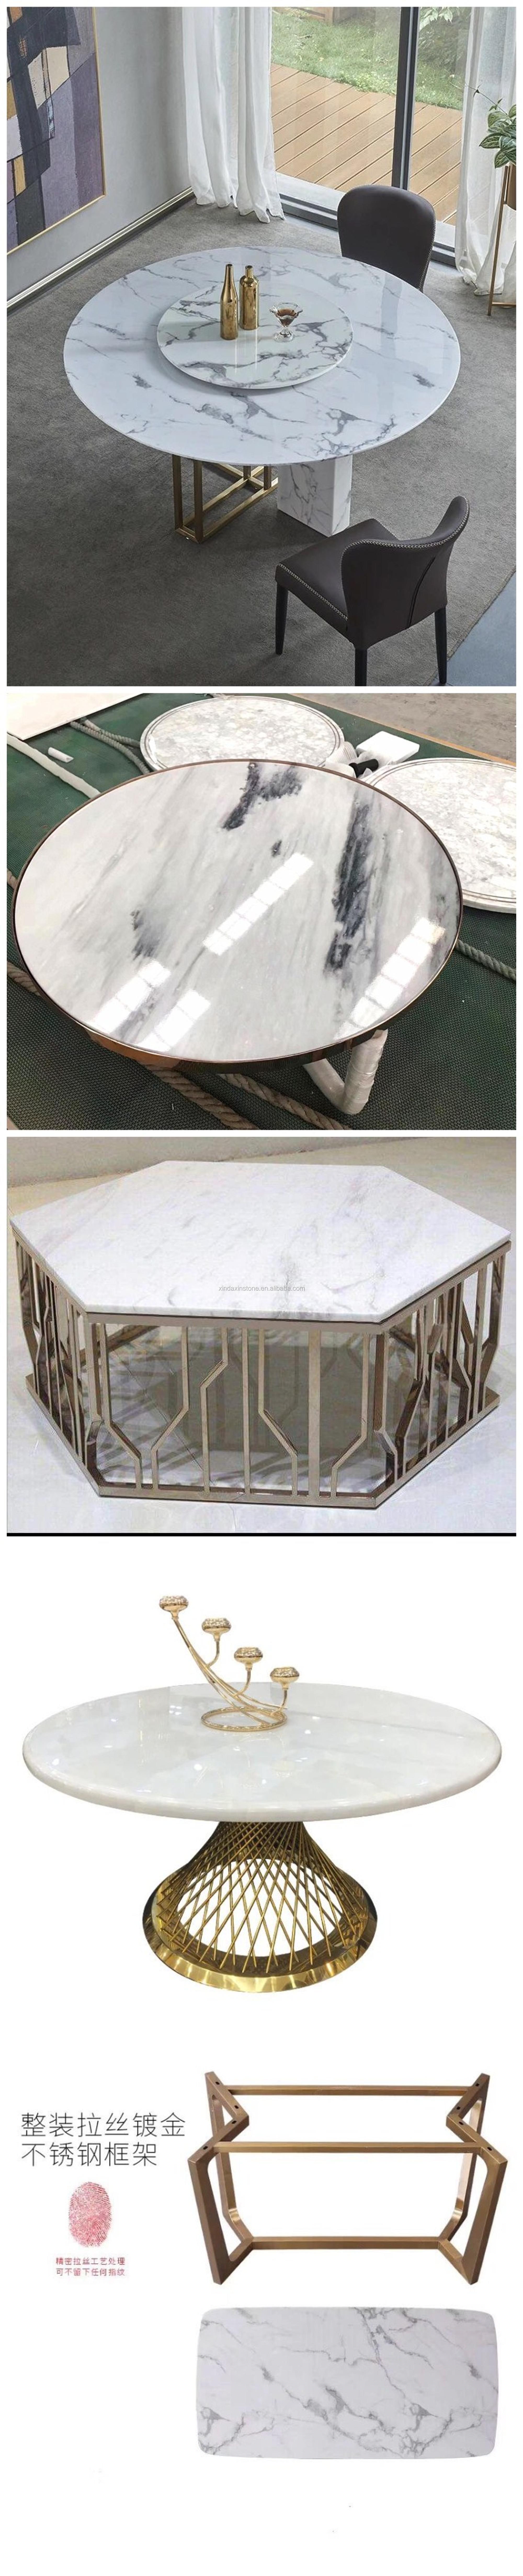 Chinesischen Naturstein Marmor Esstisch Set Mobel Aus China Online